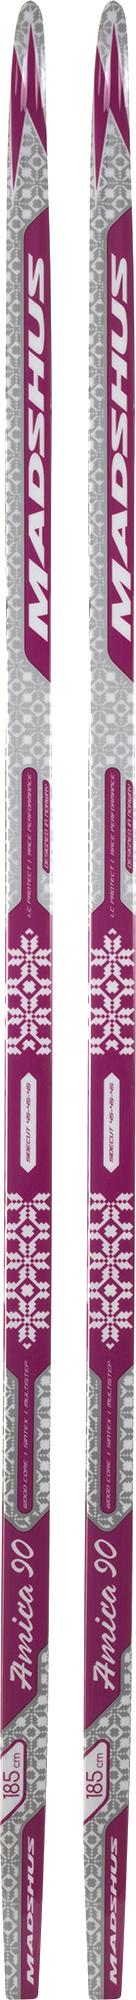 все цены на Madshus Беговые лыжи женские Madshus Amica 90